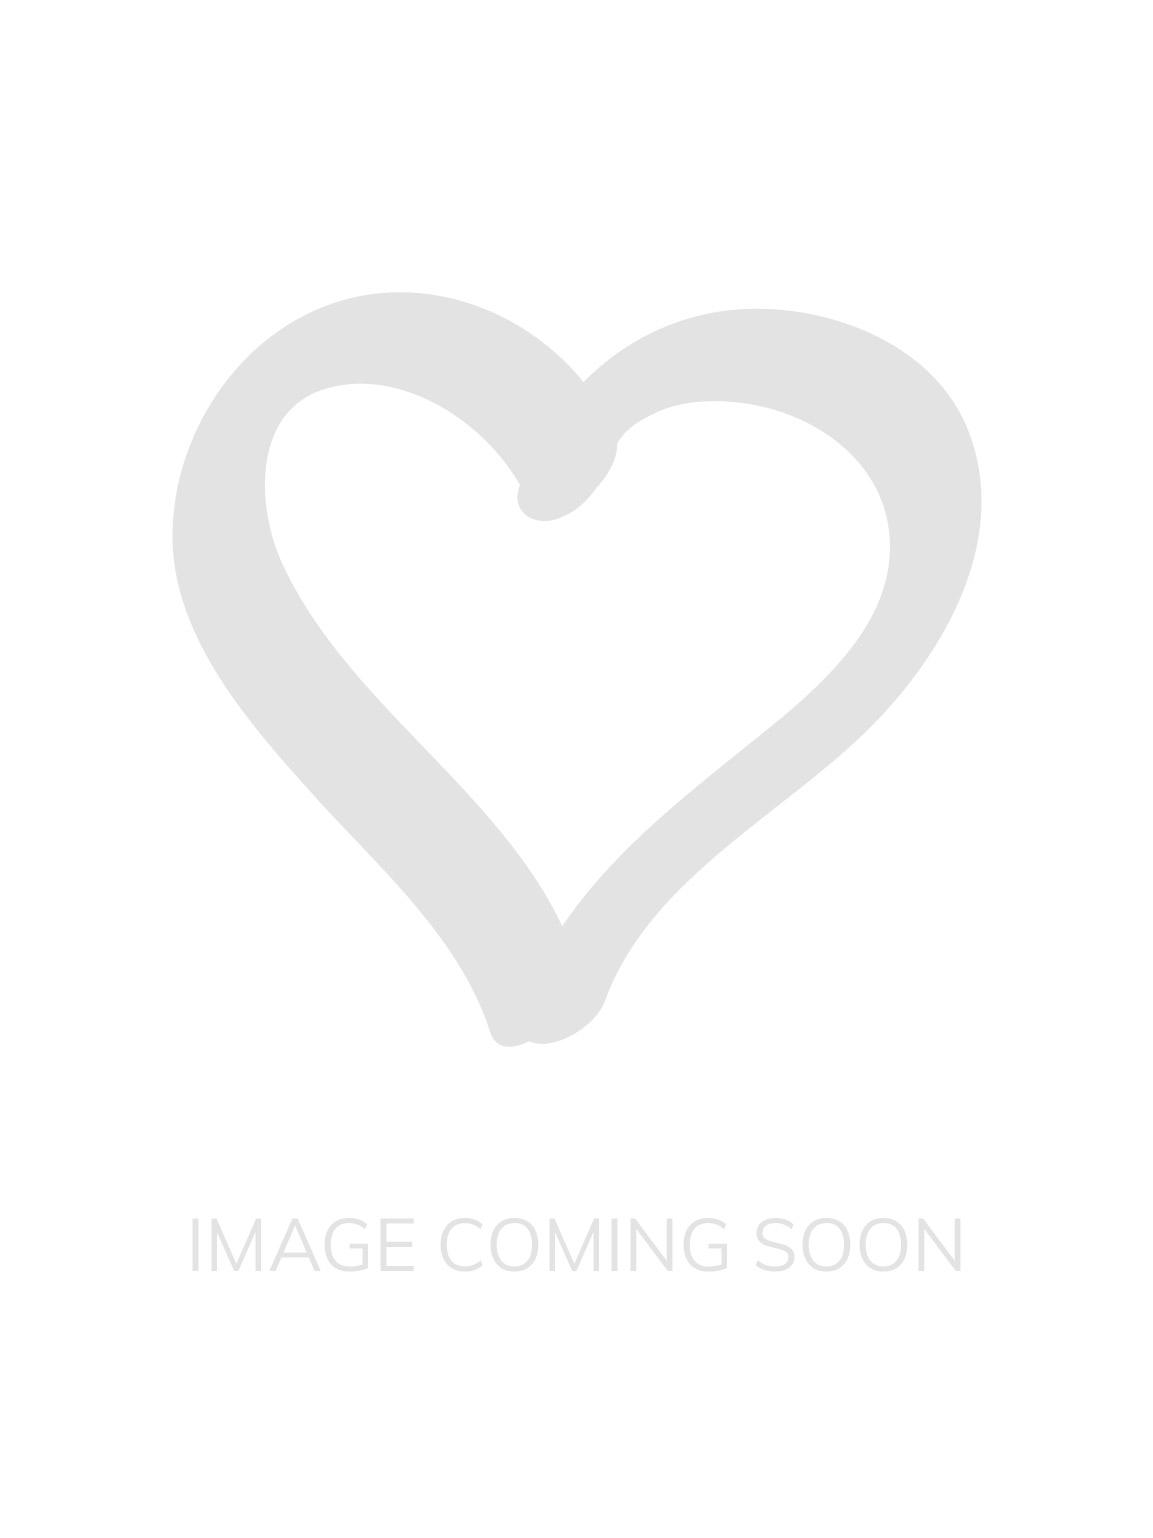 5b08bdd585 Sundance Skirted Bikini Brief - Black | Lingerie Outlet Store